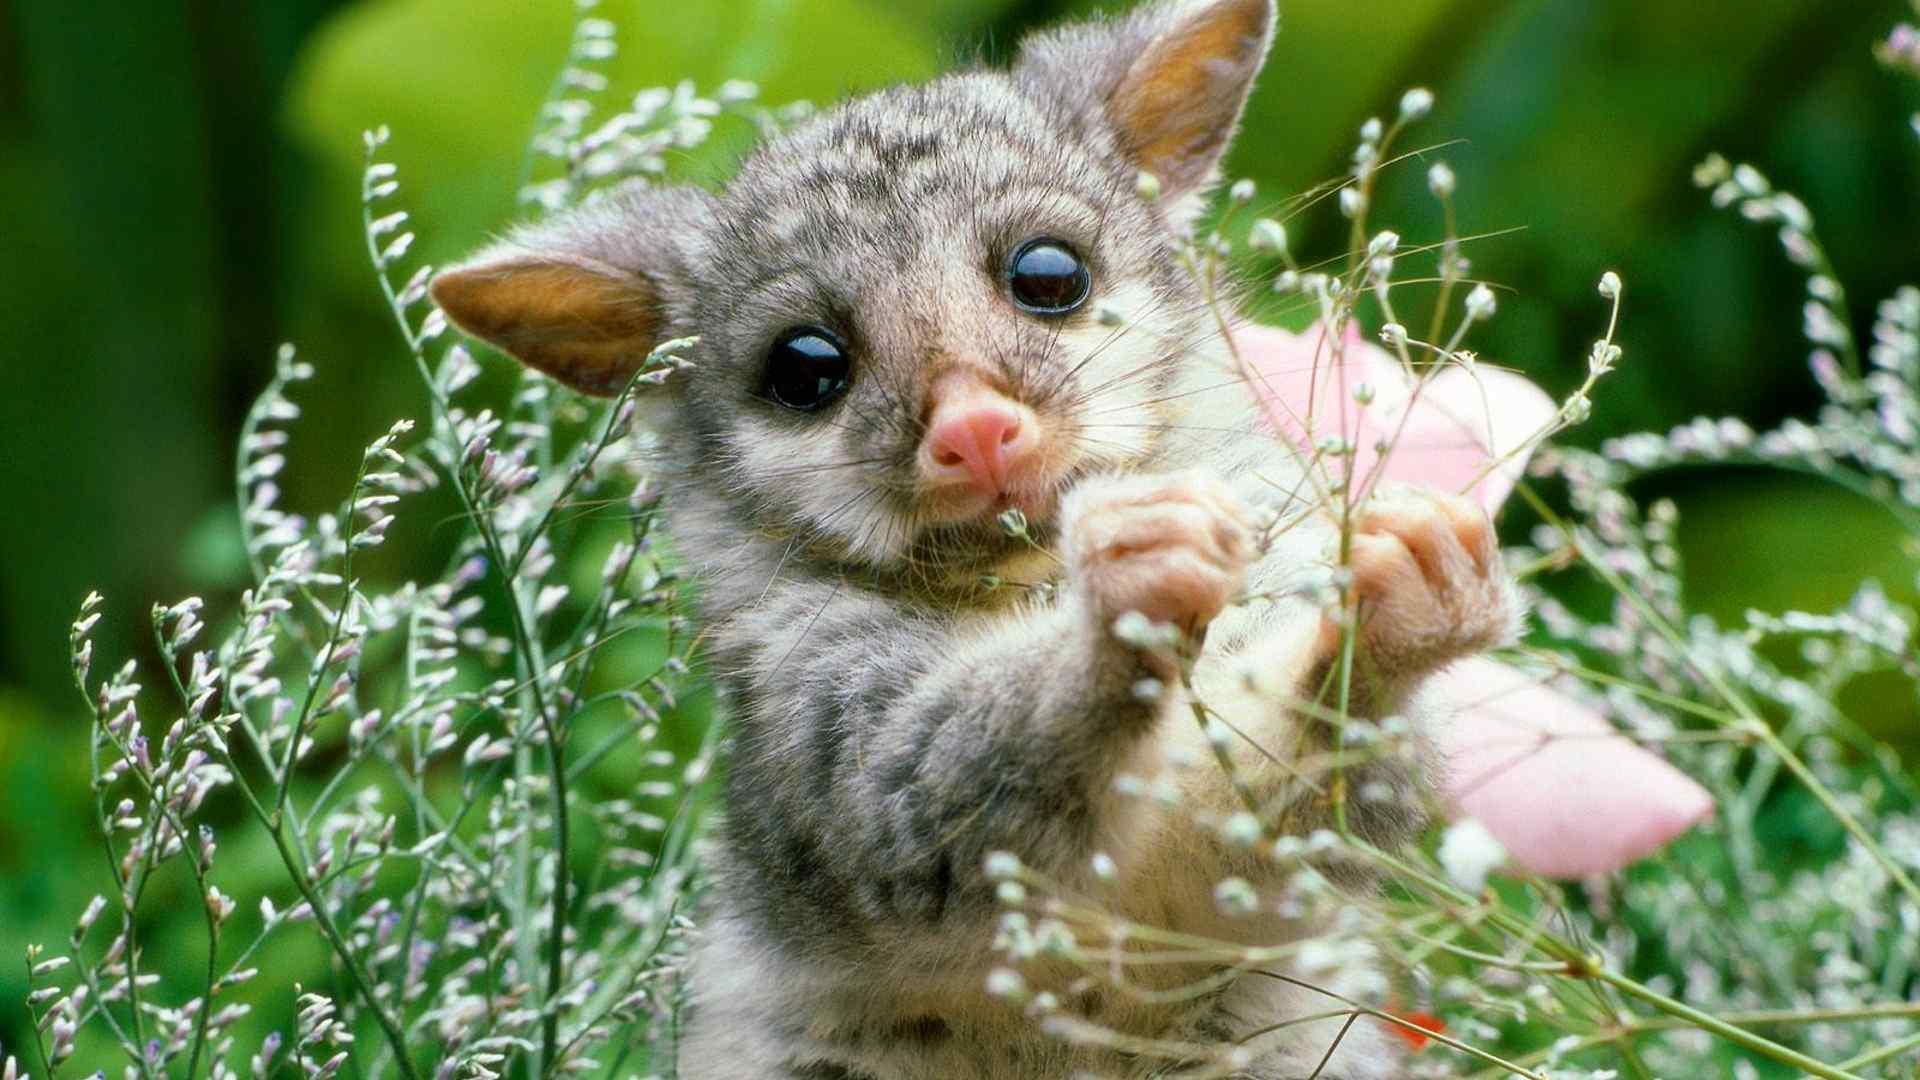 自然界有许许多多可爱的动物哟